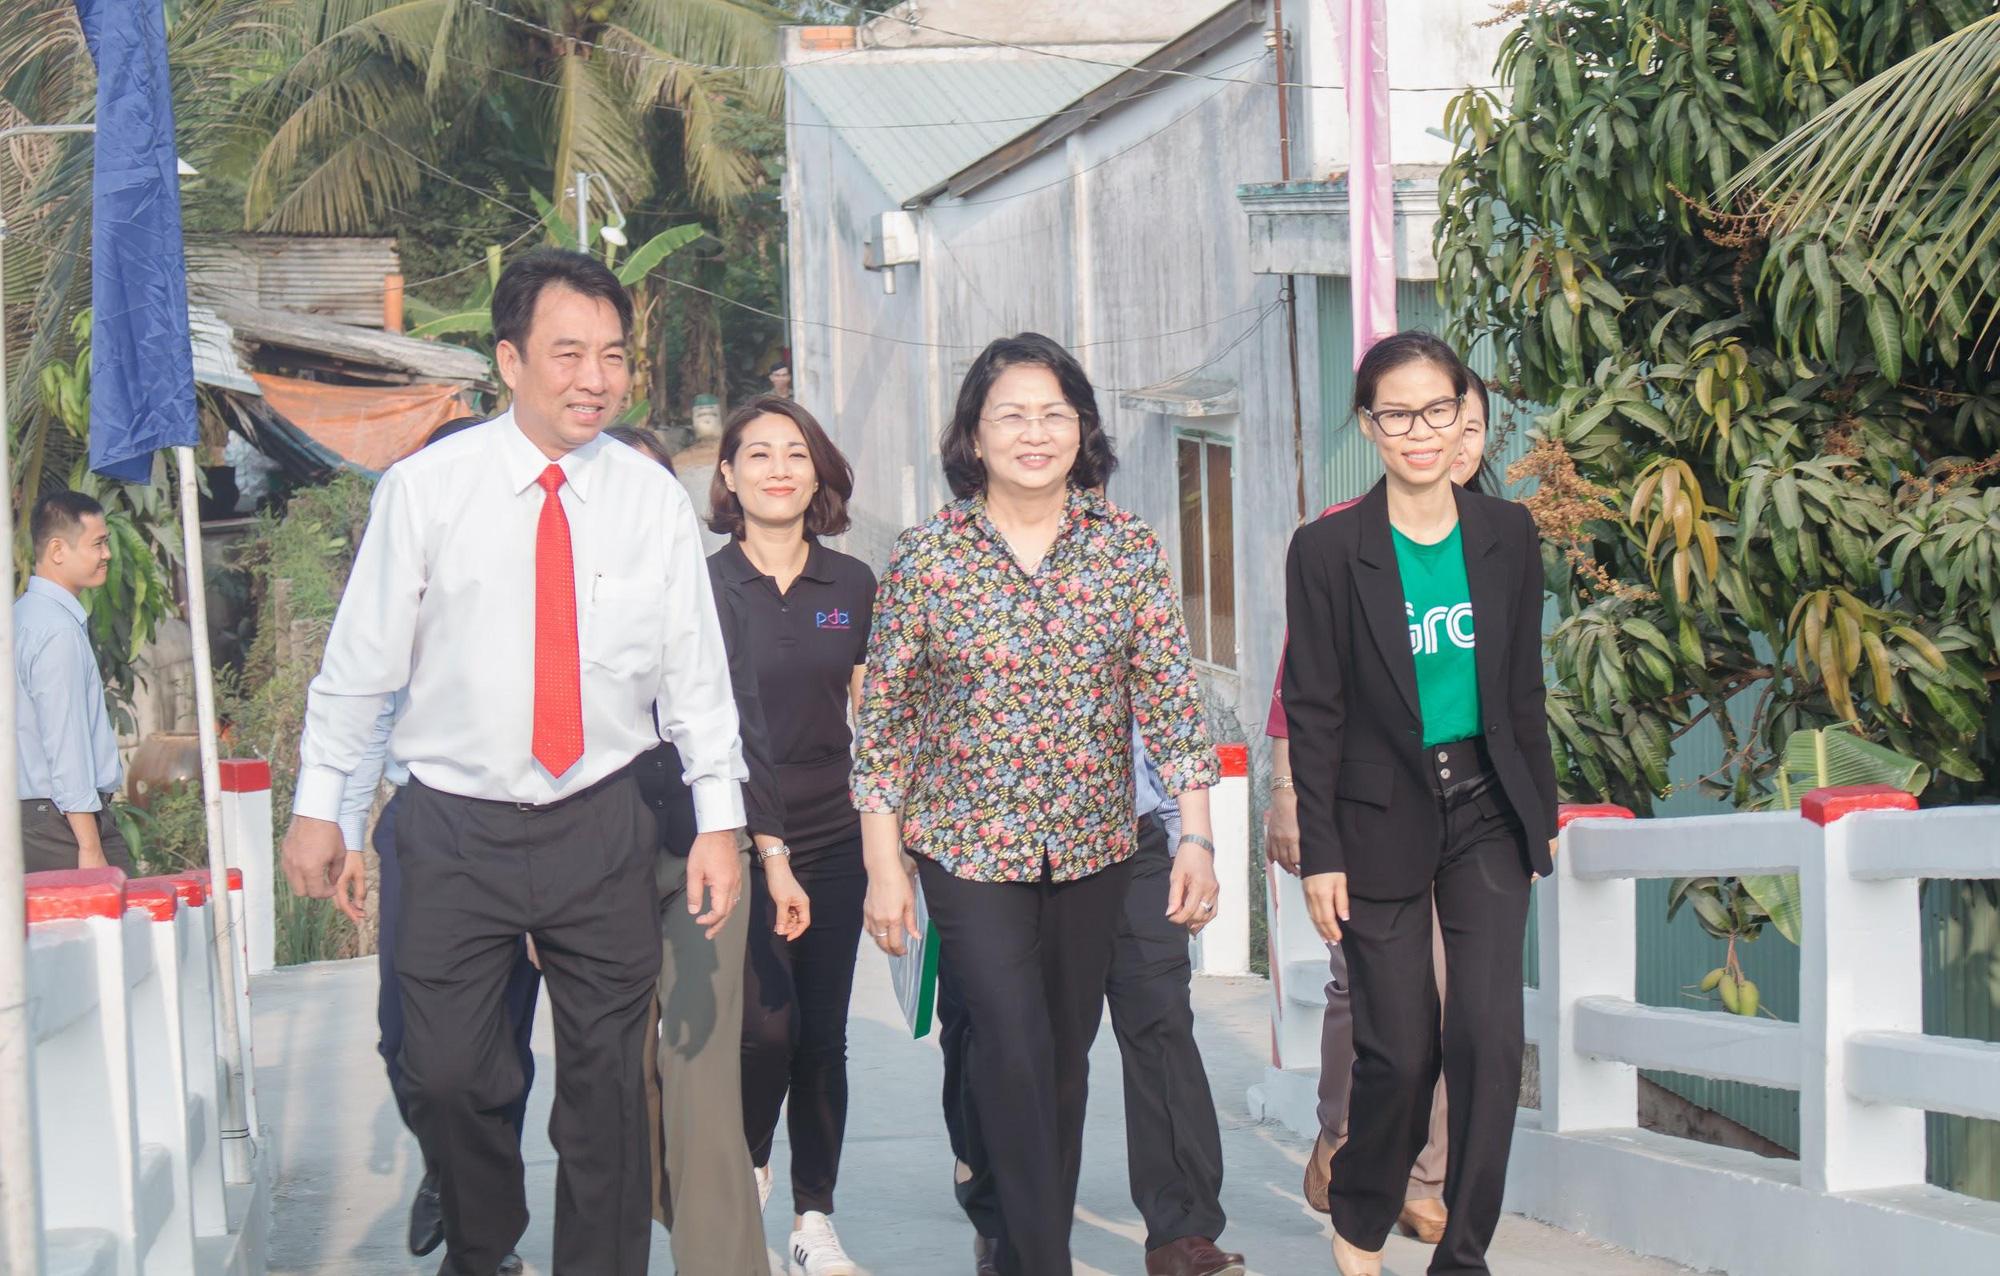 Vừa nhậm chức, nữ CEO Grab Việt Nam đã khánh thành cầu dân sinh 900 triệu đồng cho người dân miền Tây - Ảnh 5.